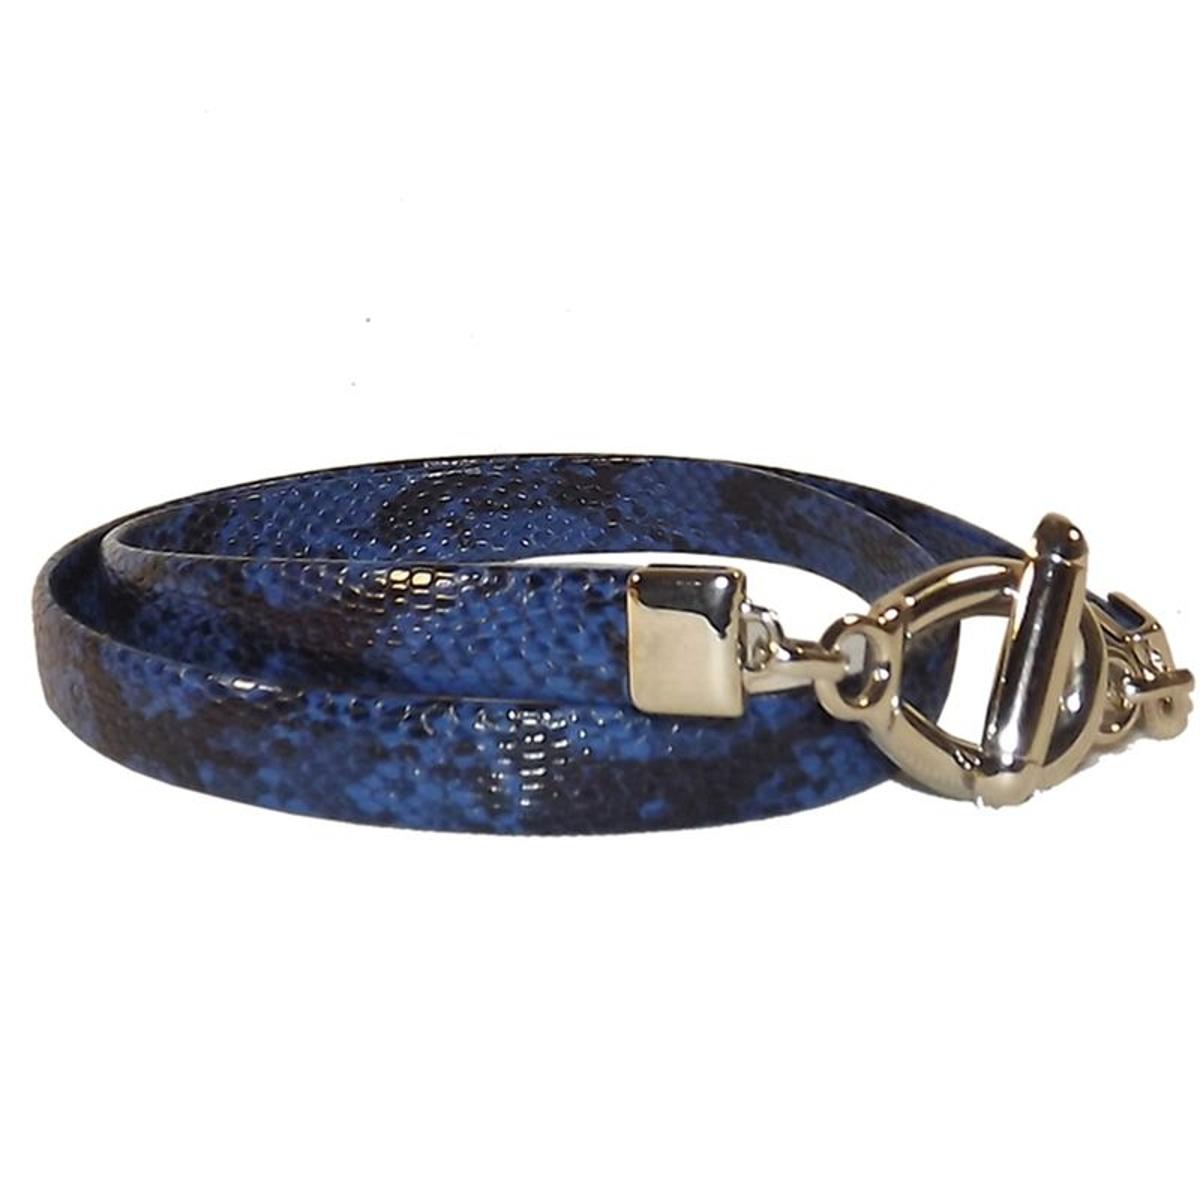 91260ed98dfb CHAPEAU-TENDANCE Ceinture serpent bleue